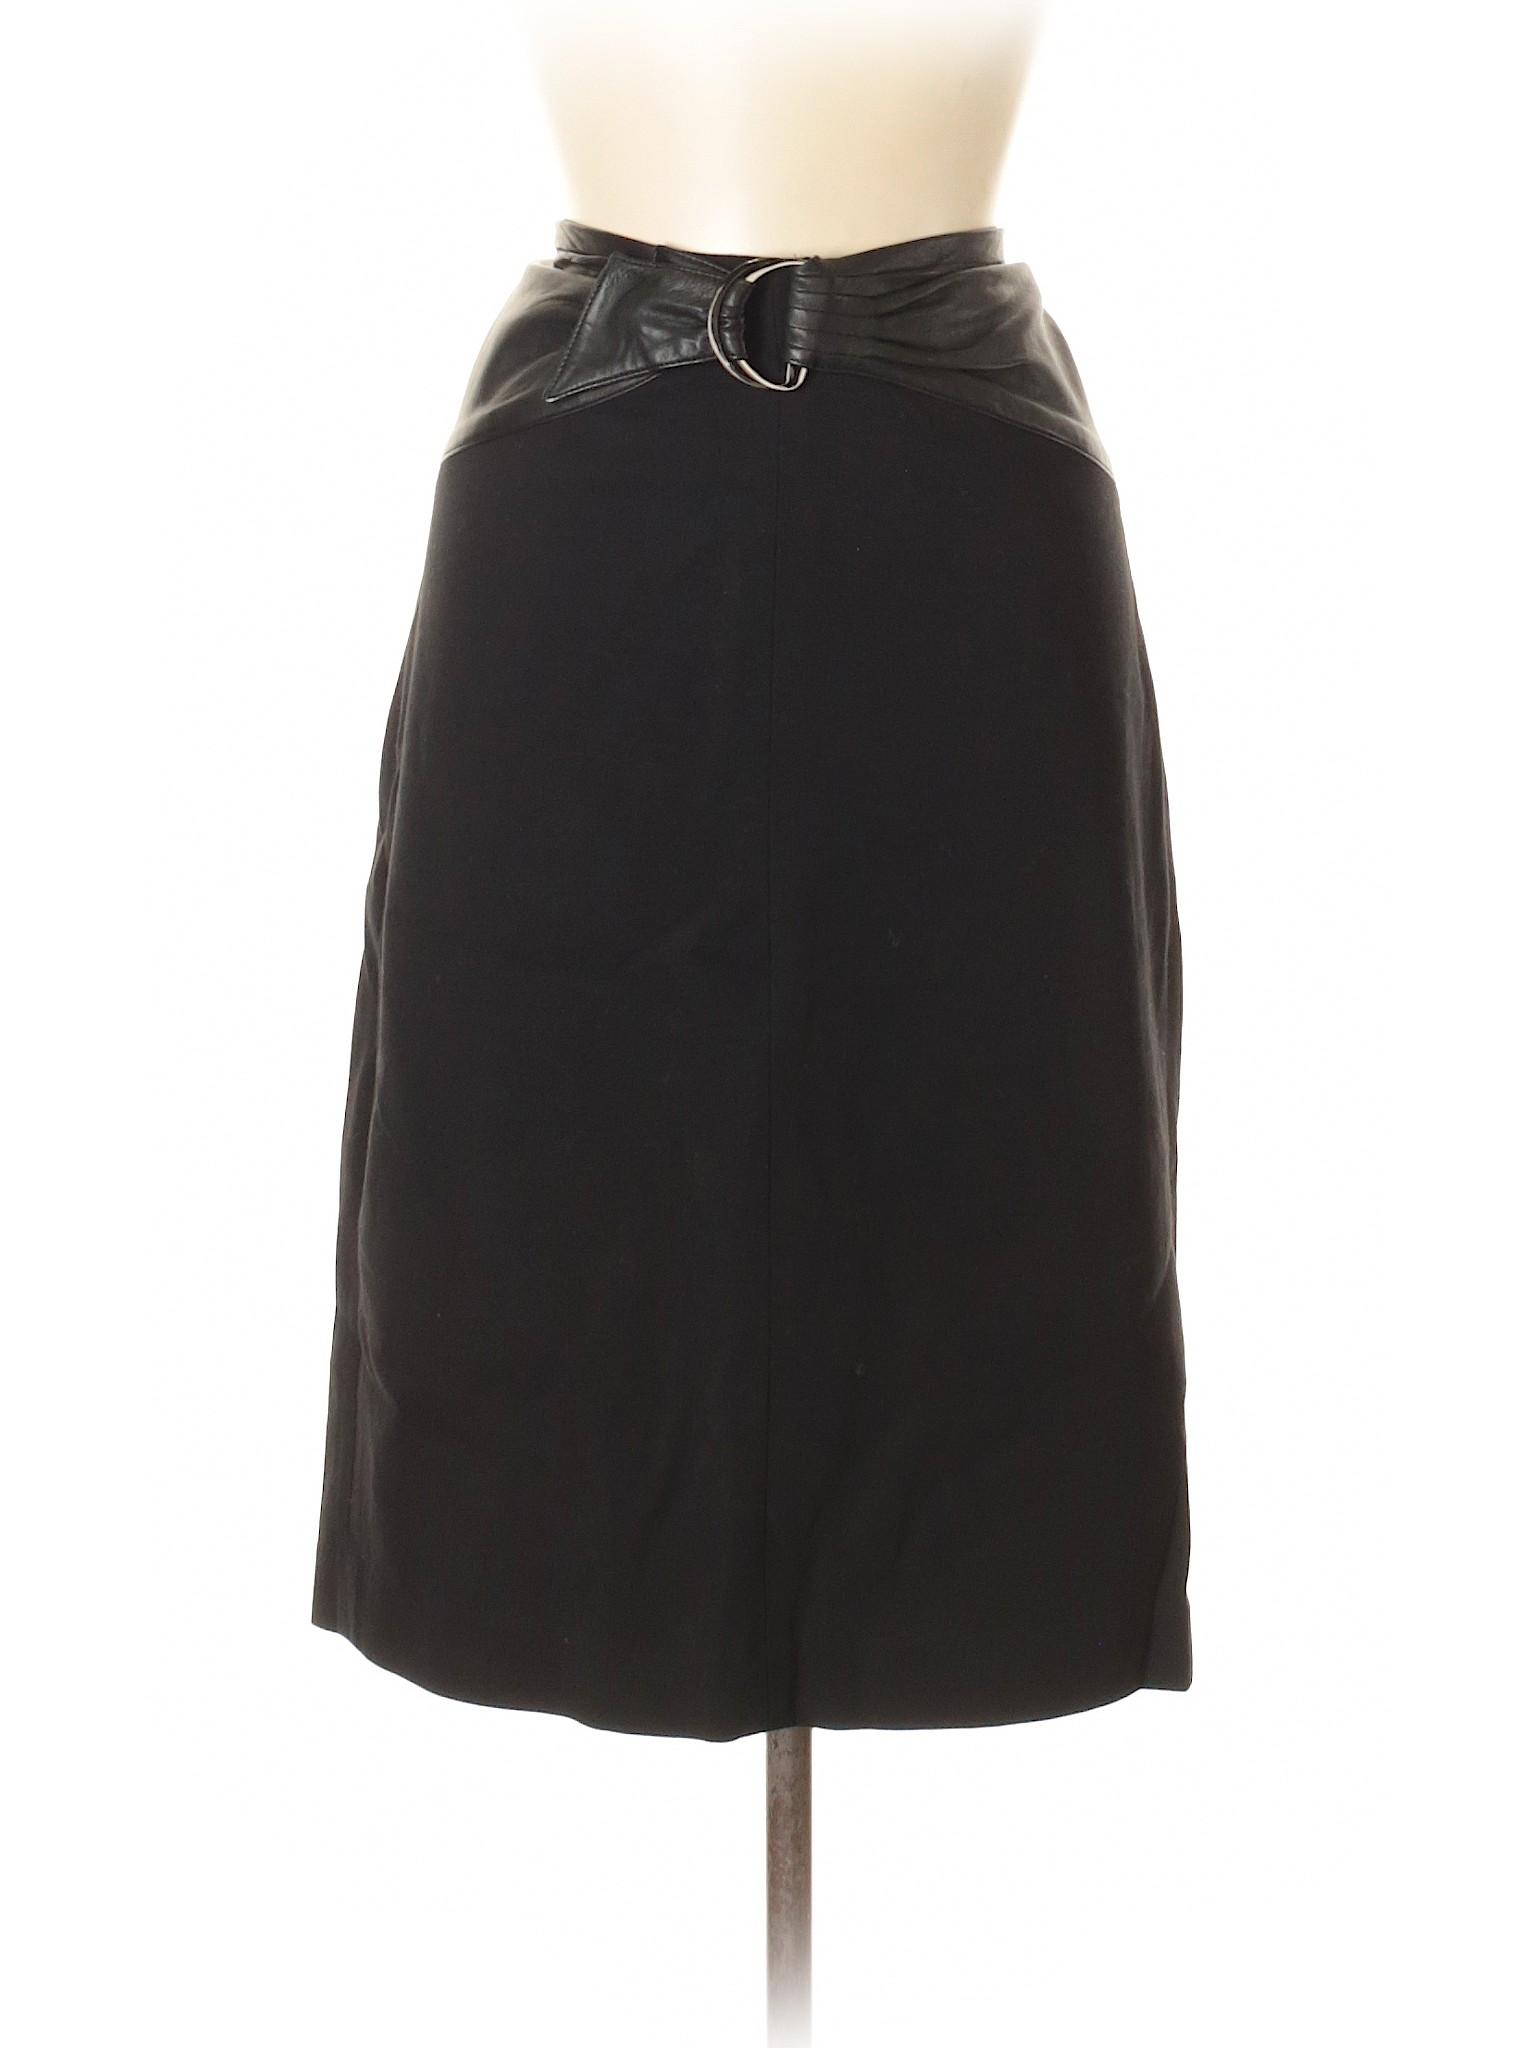 Boutique Boutique Skirt Boutique Casual Boutique Skirt Casual Skirt Casual Boutique Casual Skirt IU8wqAxUg